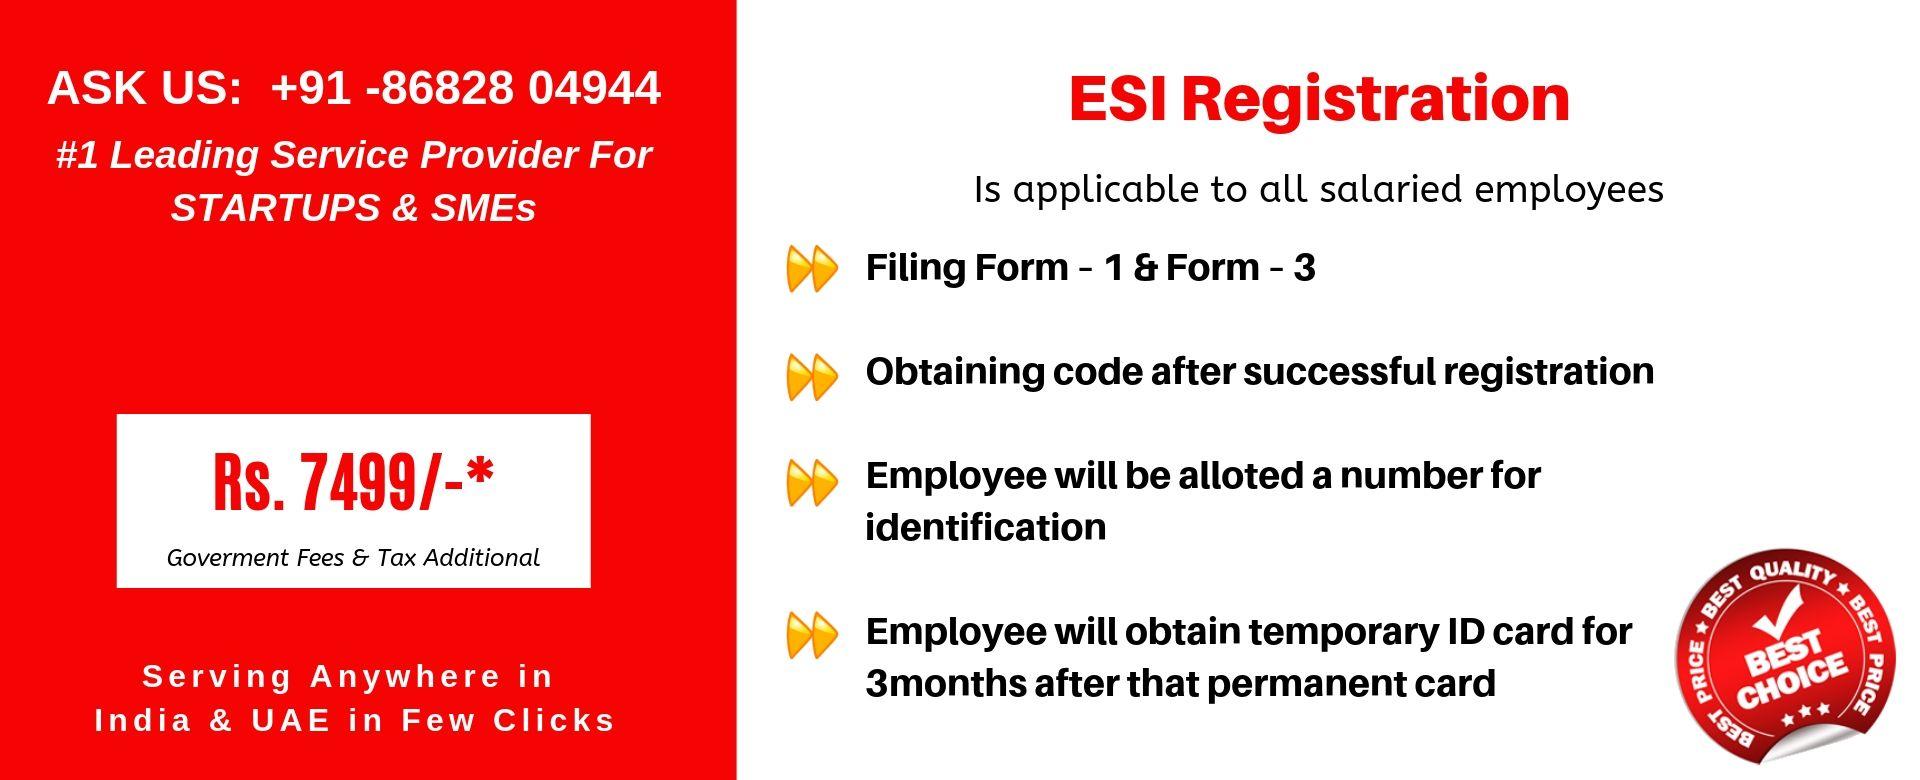 esi registration in india